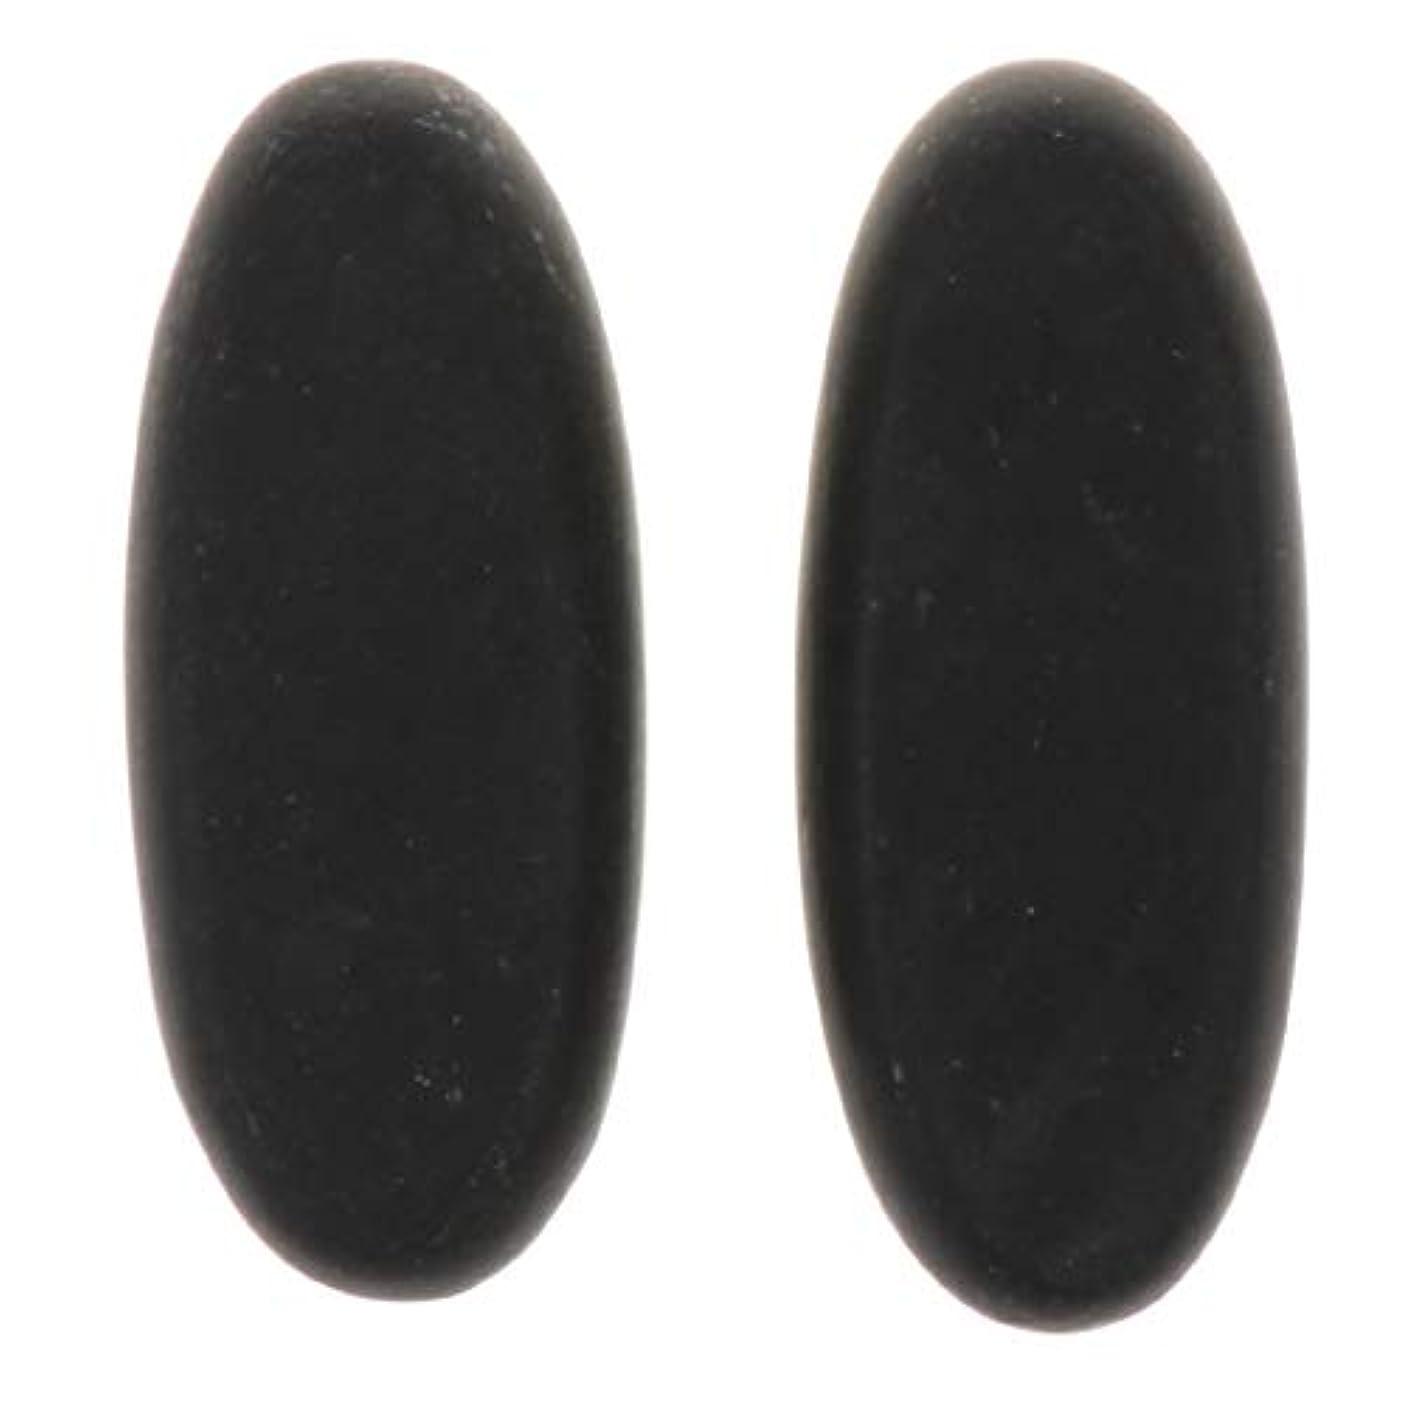 パーセント吸う深くP Prettyia マッサージストーン マッサージ石 天然石ホットストーン マッサージ用玄武岩 ツボ押し SPA 2個 全2サイズ - 8×3.2×1.5cm